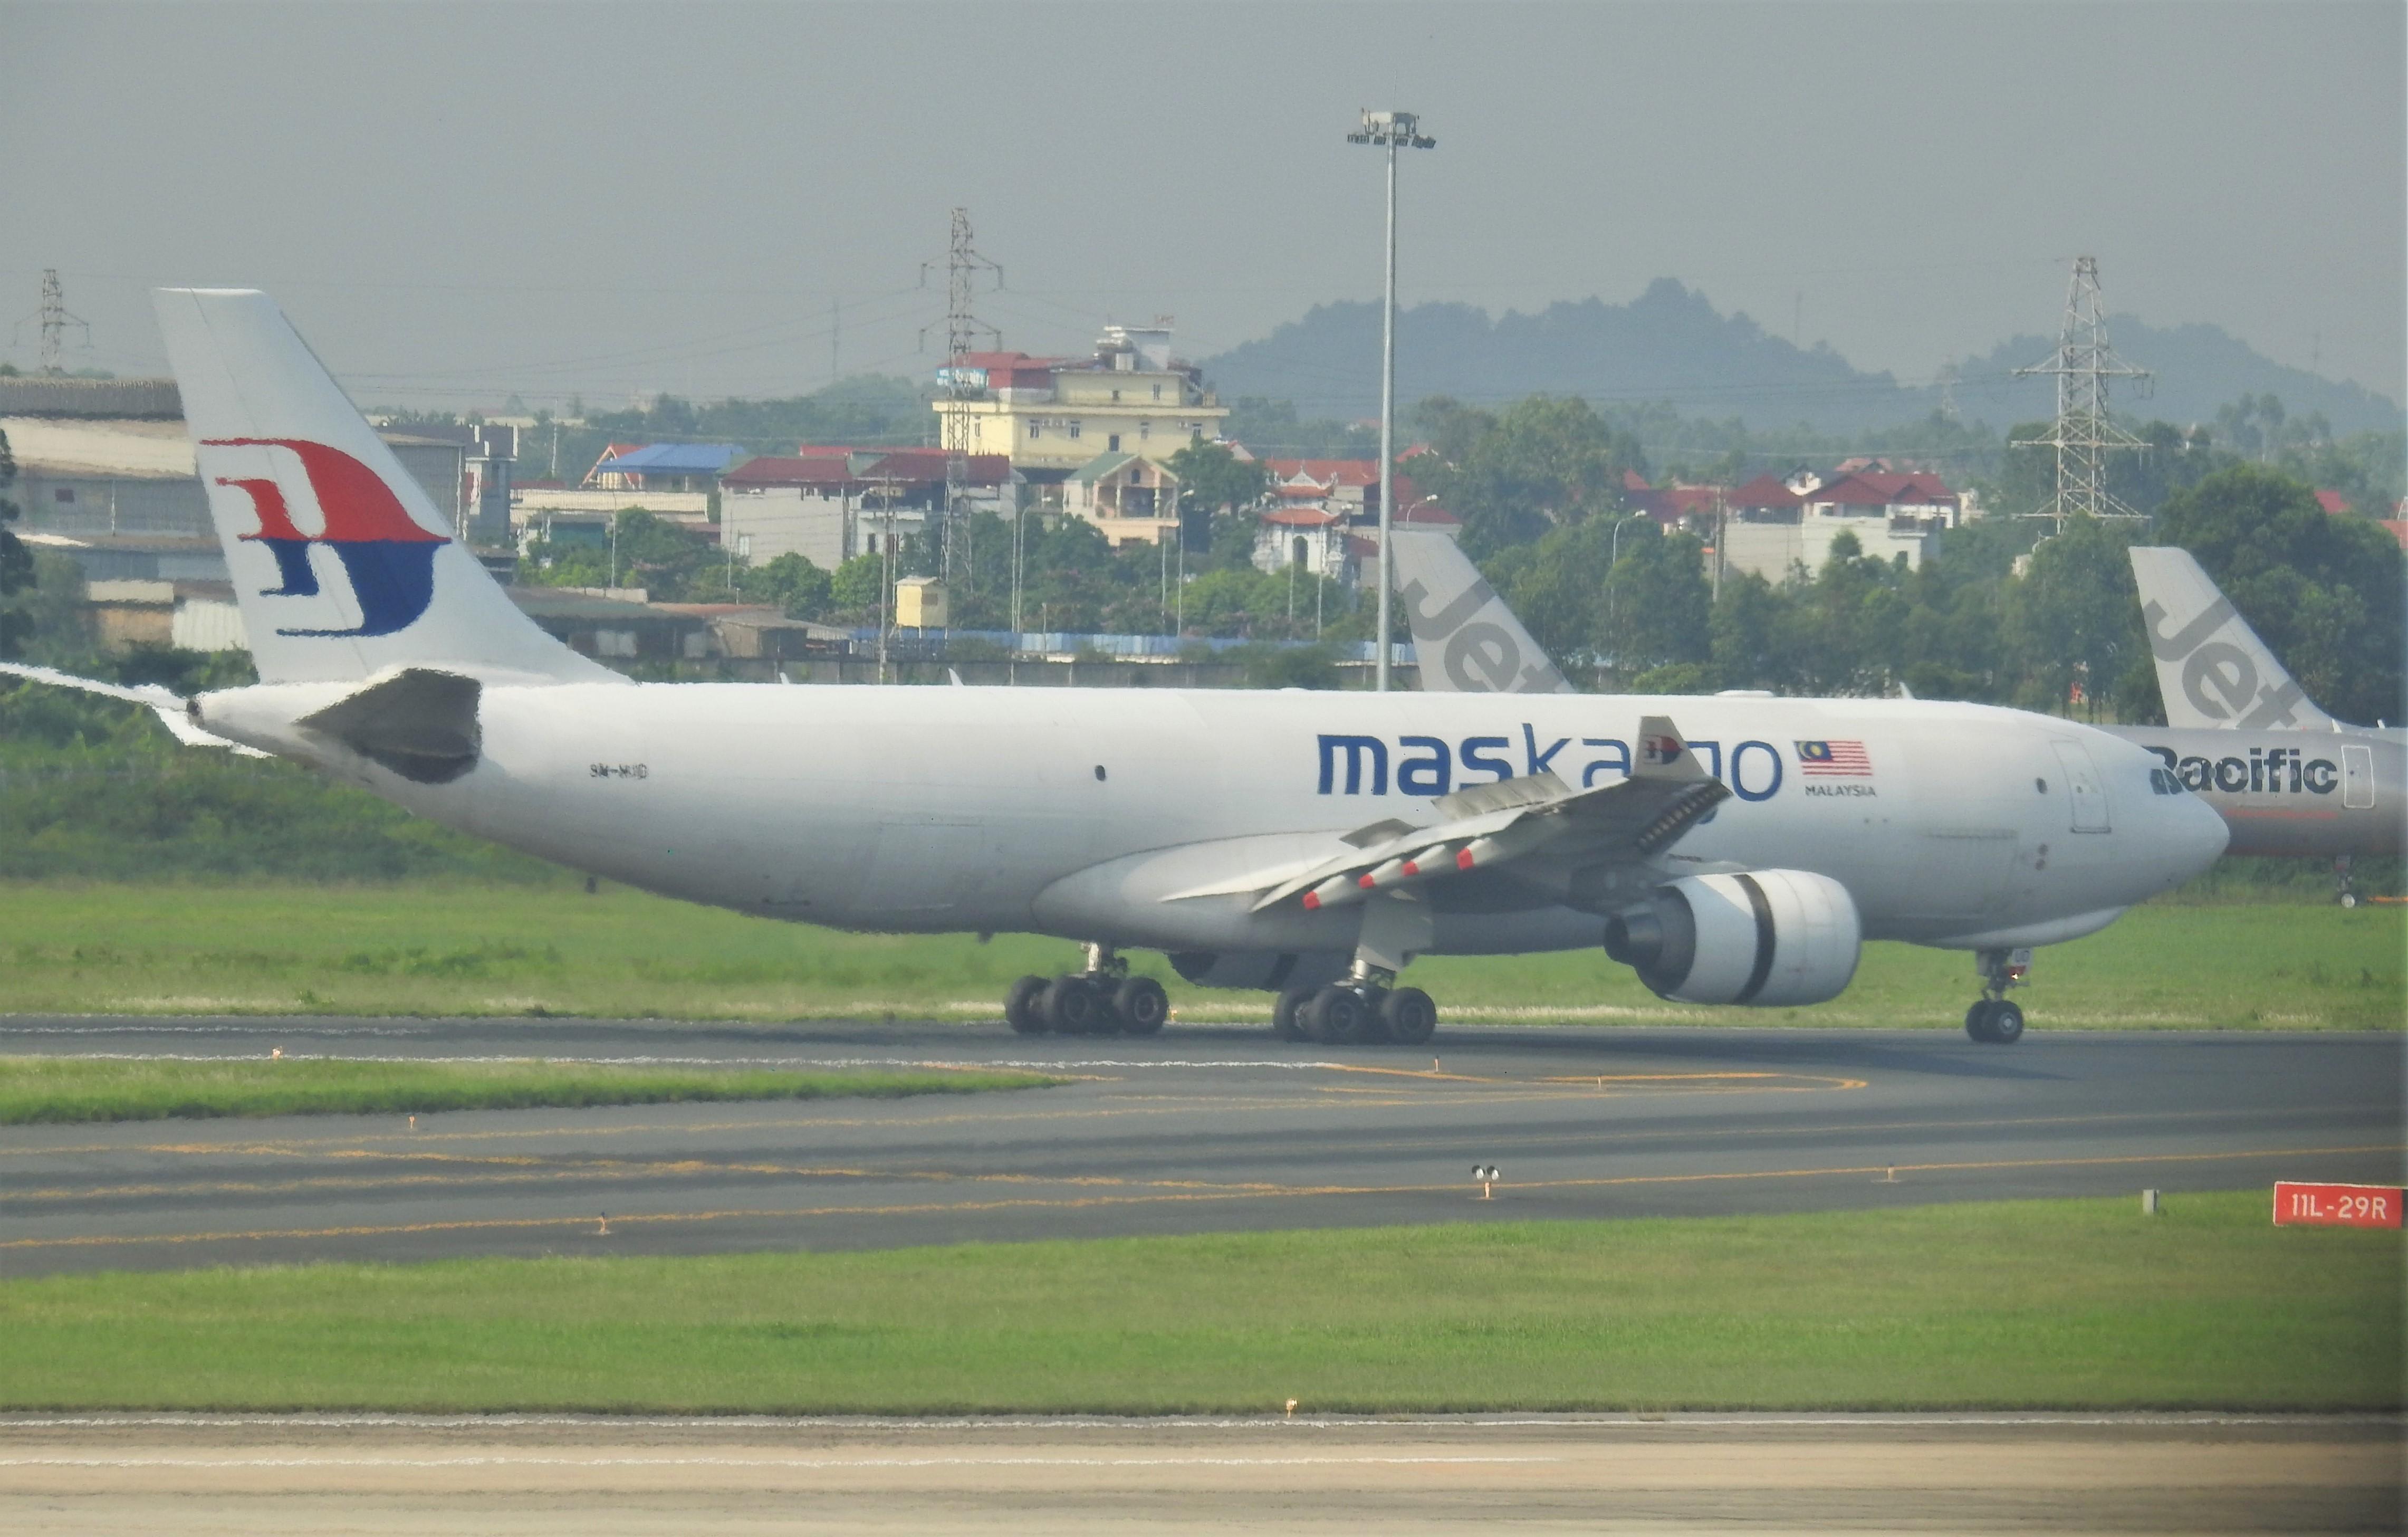 IATA dự báo hàng không toàn cầu lỗ 84 tỉ USD trong năm 2020 - Ảnh 1.